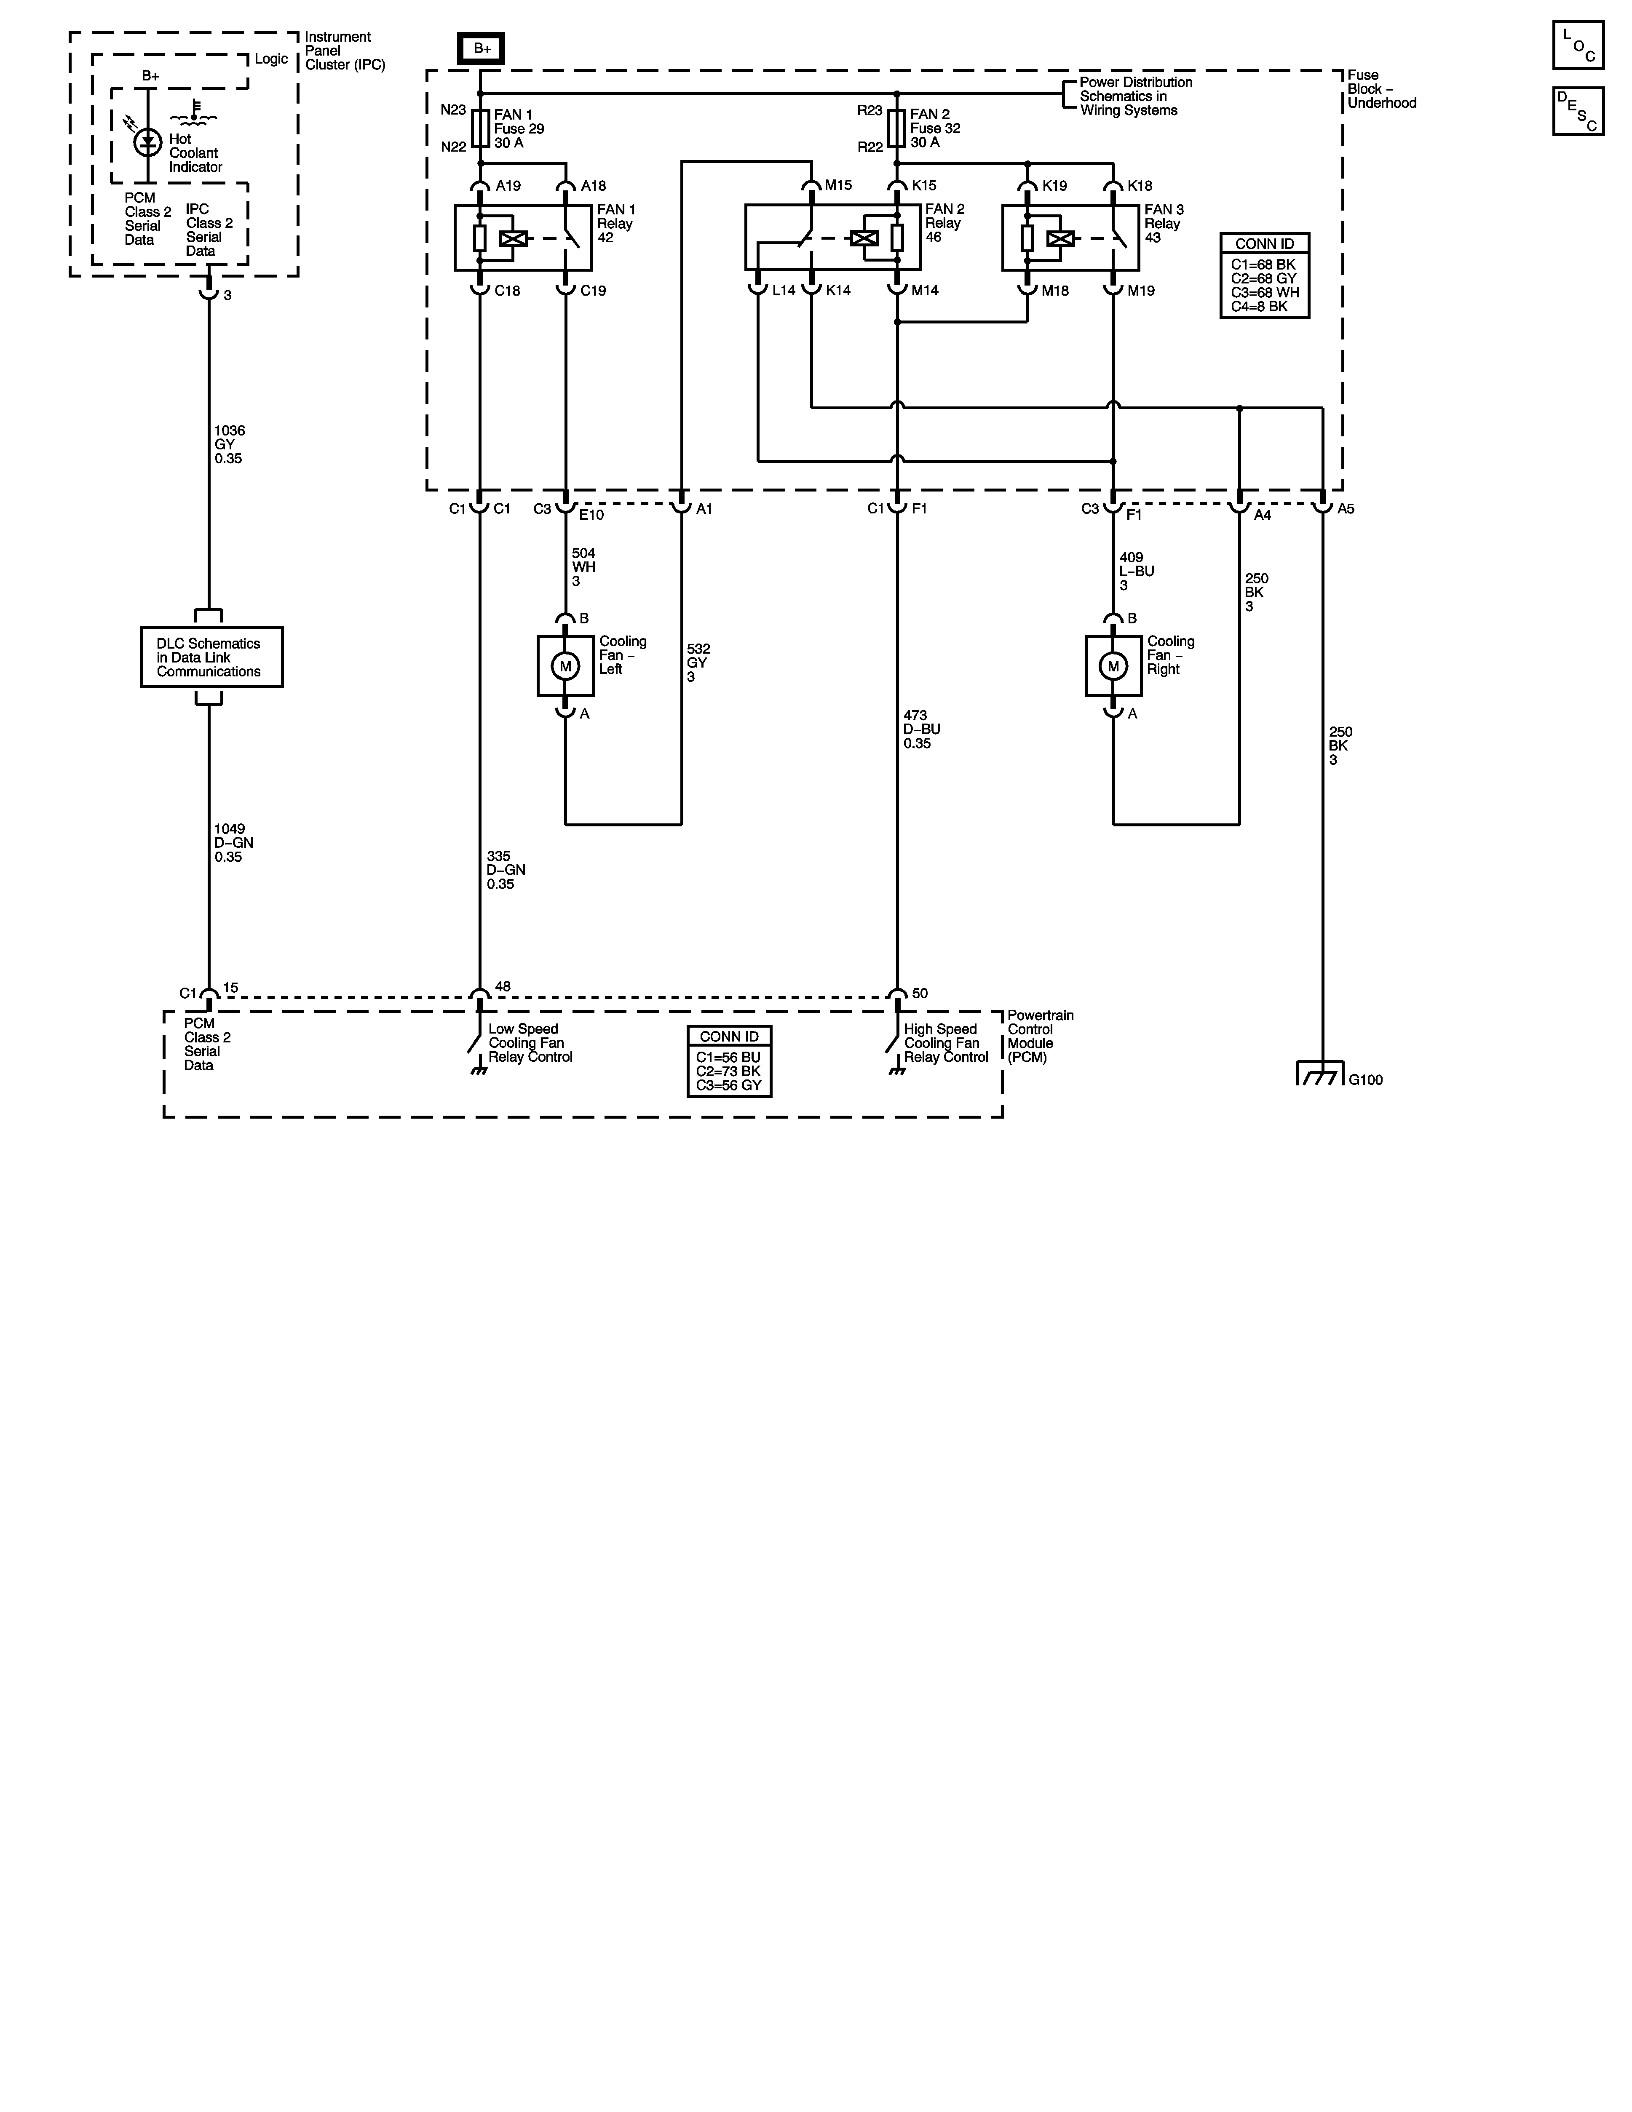 Kx Pontiac Grand Prix Cooling System